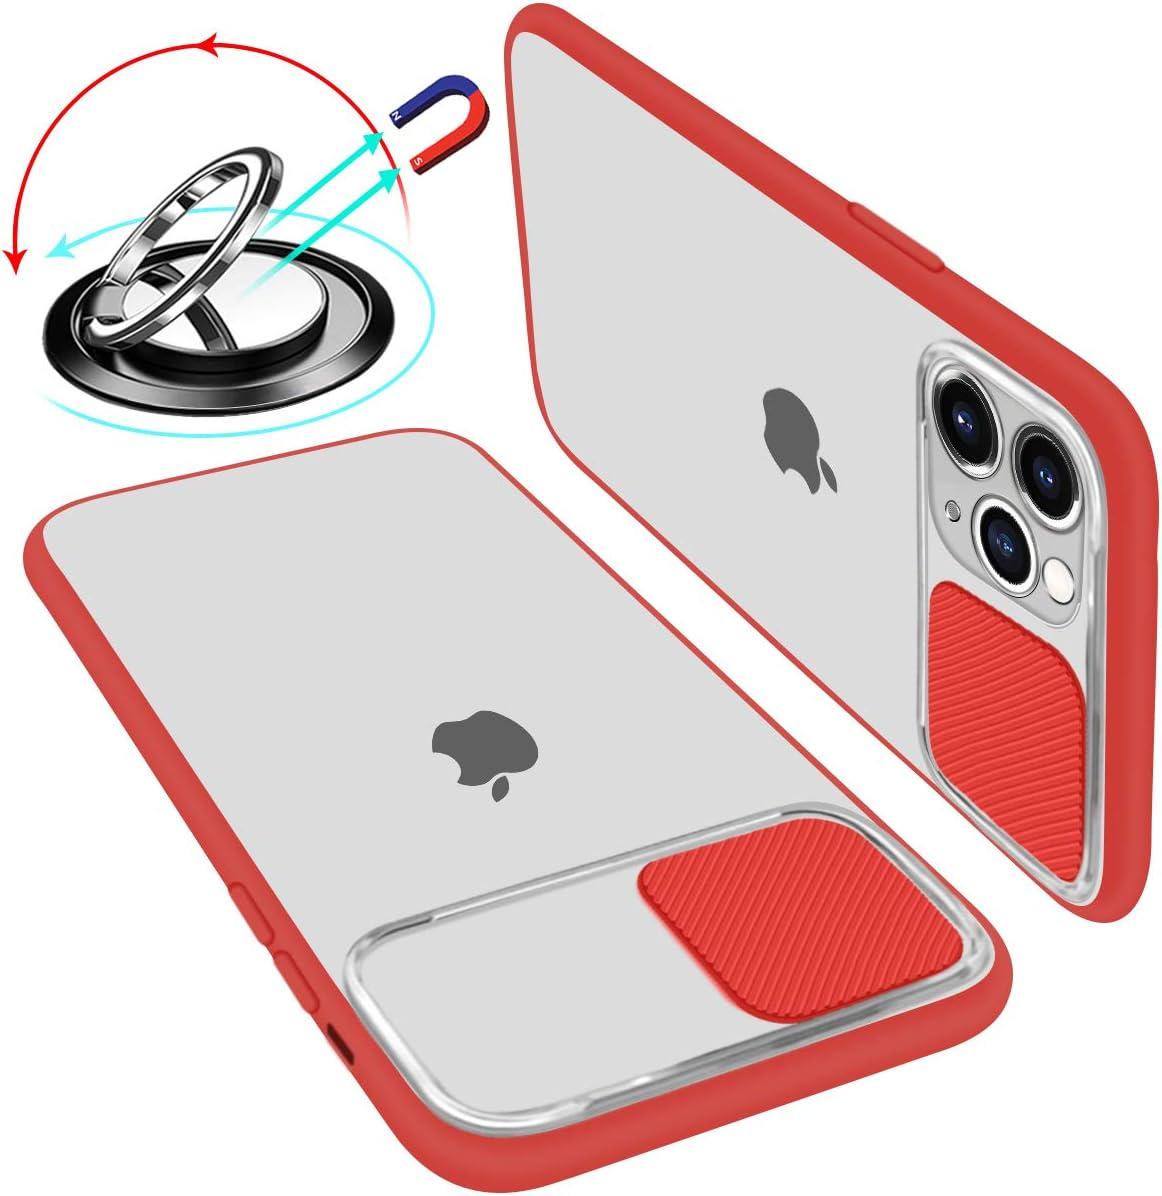 UNIOTEK Funda con Tapa Deslizable para Cámara Compatible con iPhone 11 Pro Funda Protectora Antigolpe Carcasa PC y Silicona TPU con Soporte de Anillo (Soporte El Montaje De Coche Magnético) Rojo